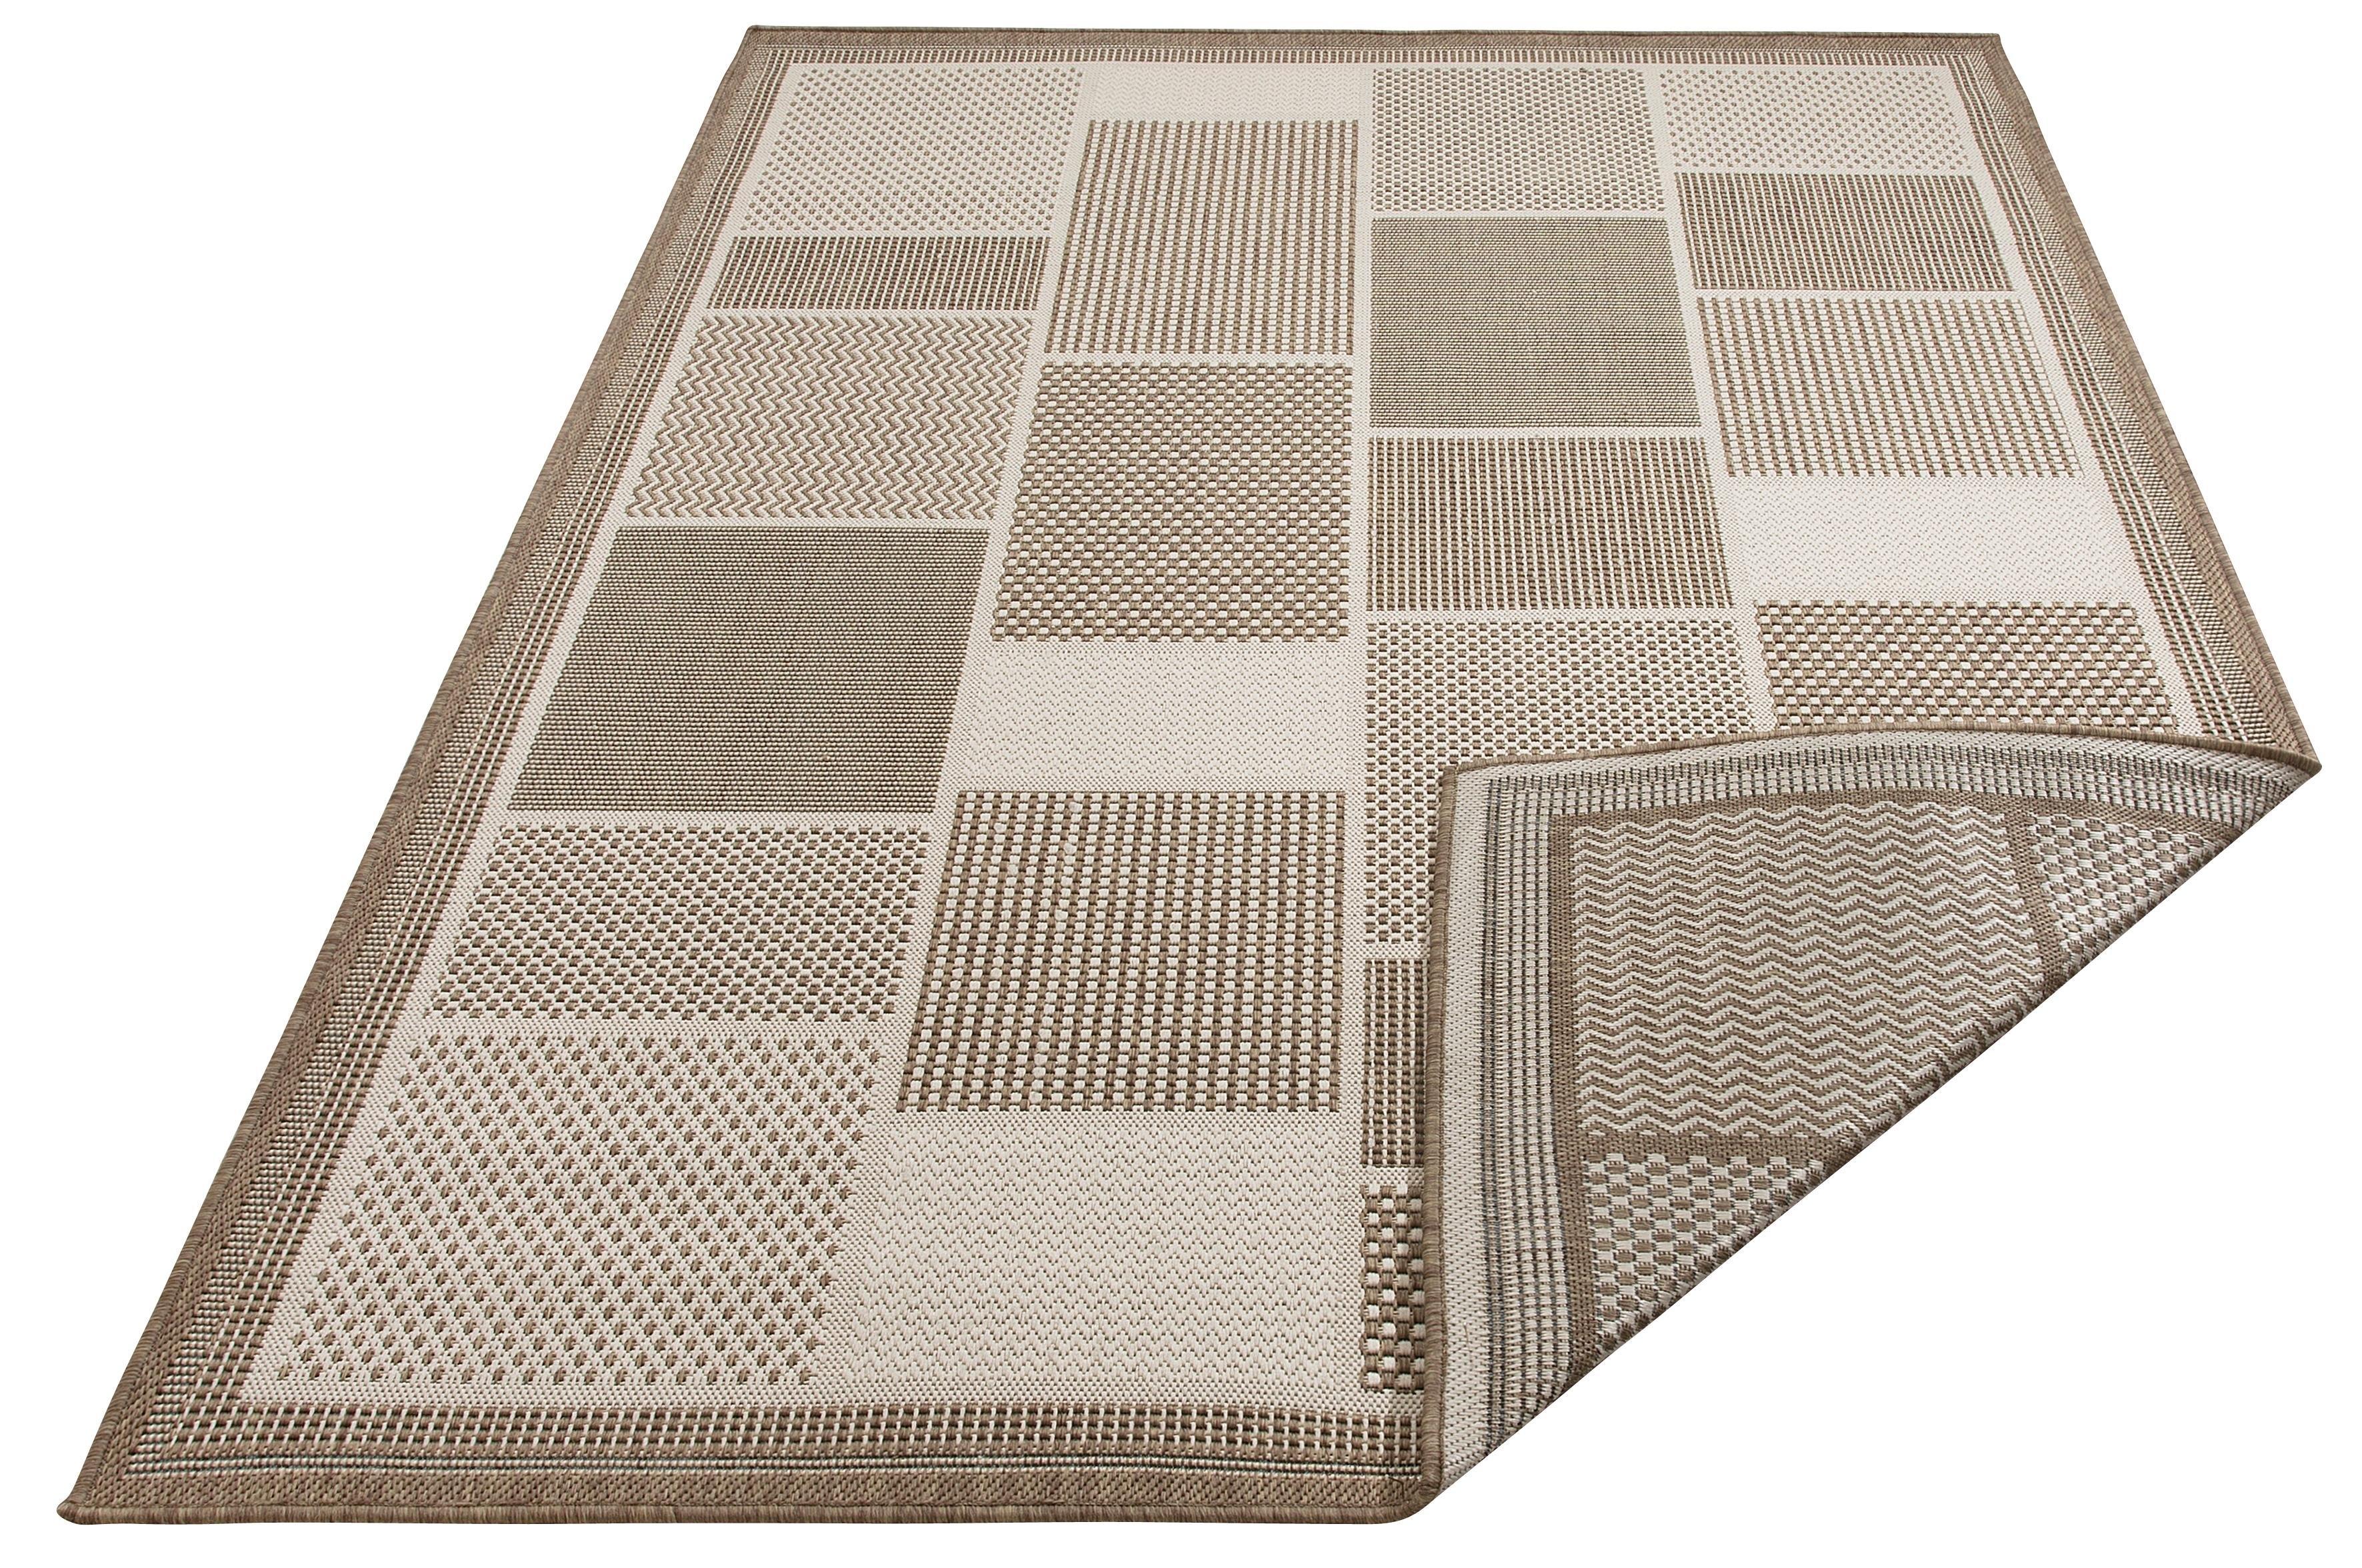 Home affaire Outdoorkleed, »Tudor«, rechthoekig, hoogte 5 mm, machinaal geweven bij OTTO online kopen